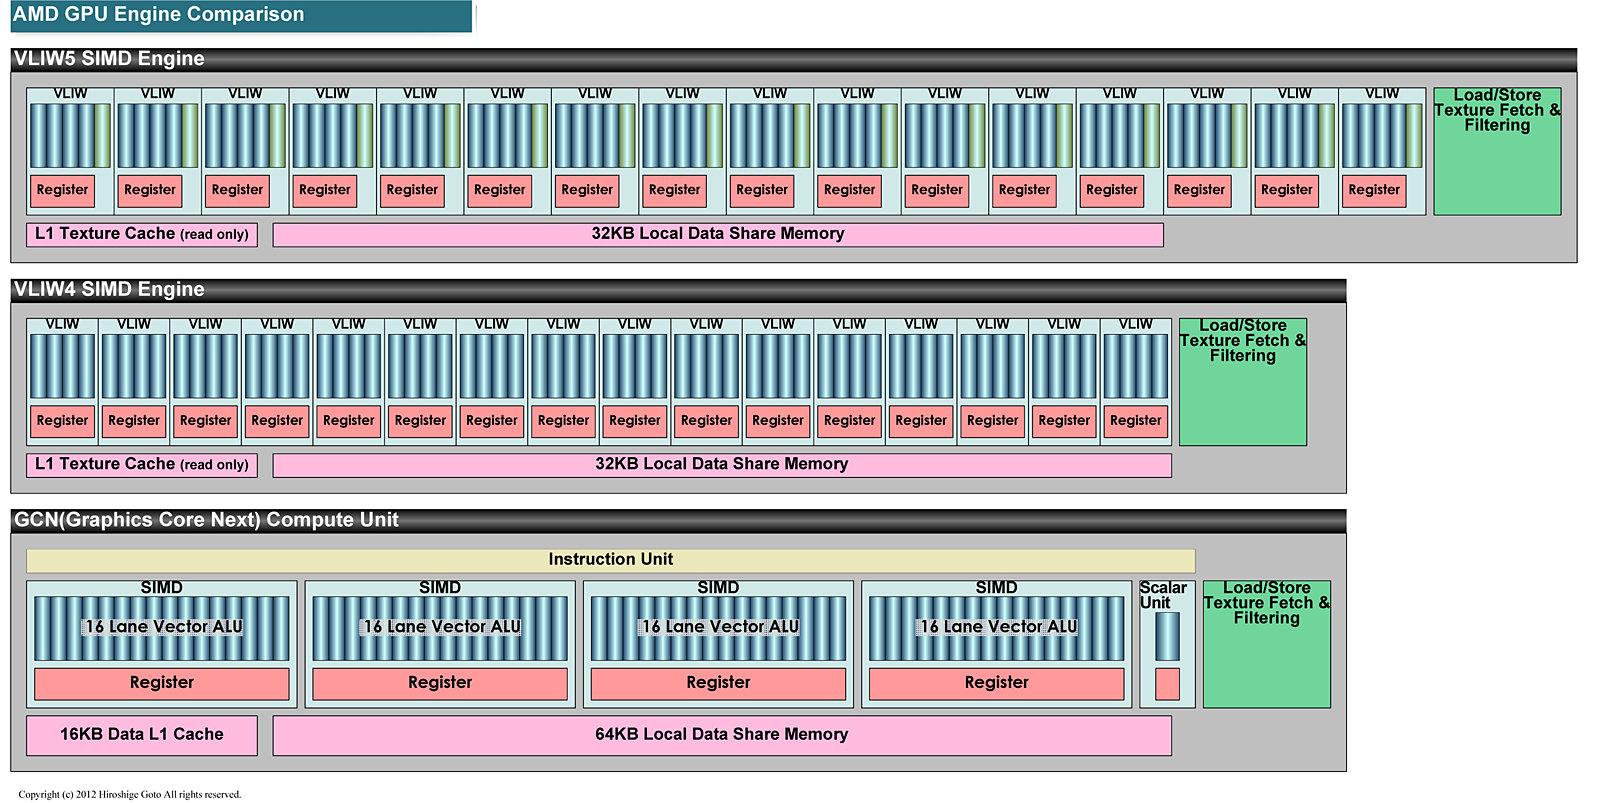 Vergleich der GPU-Architekturen